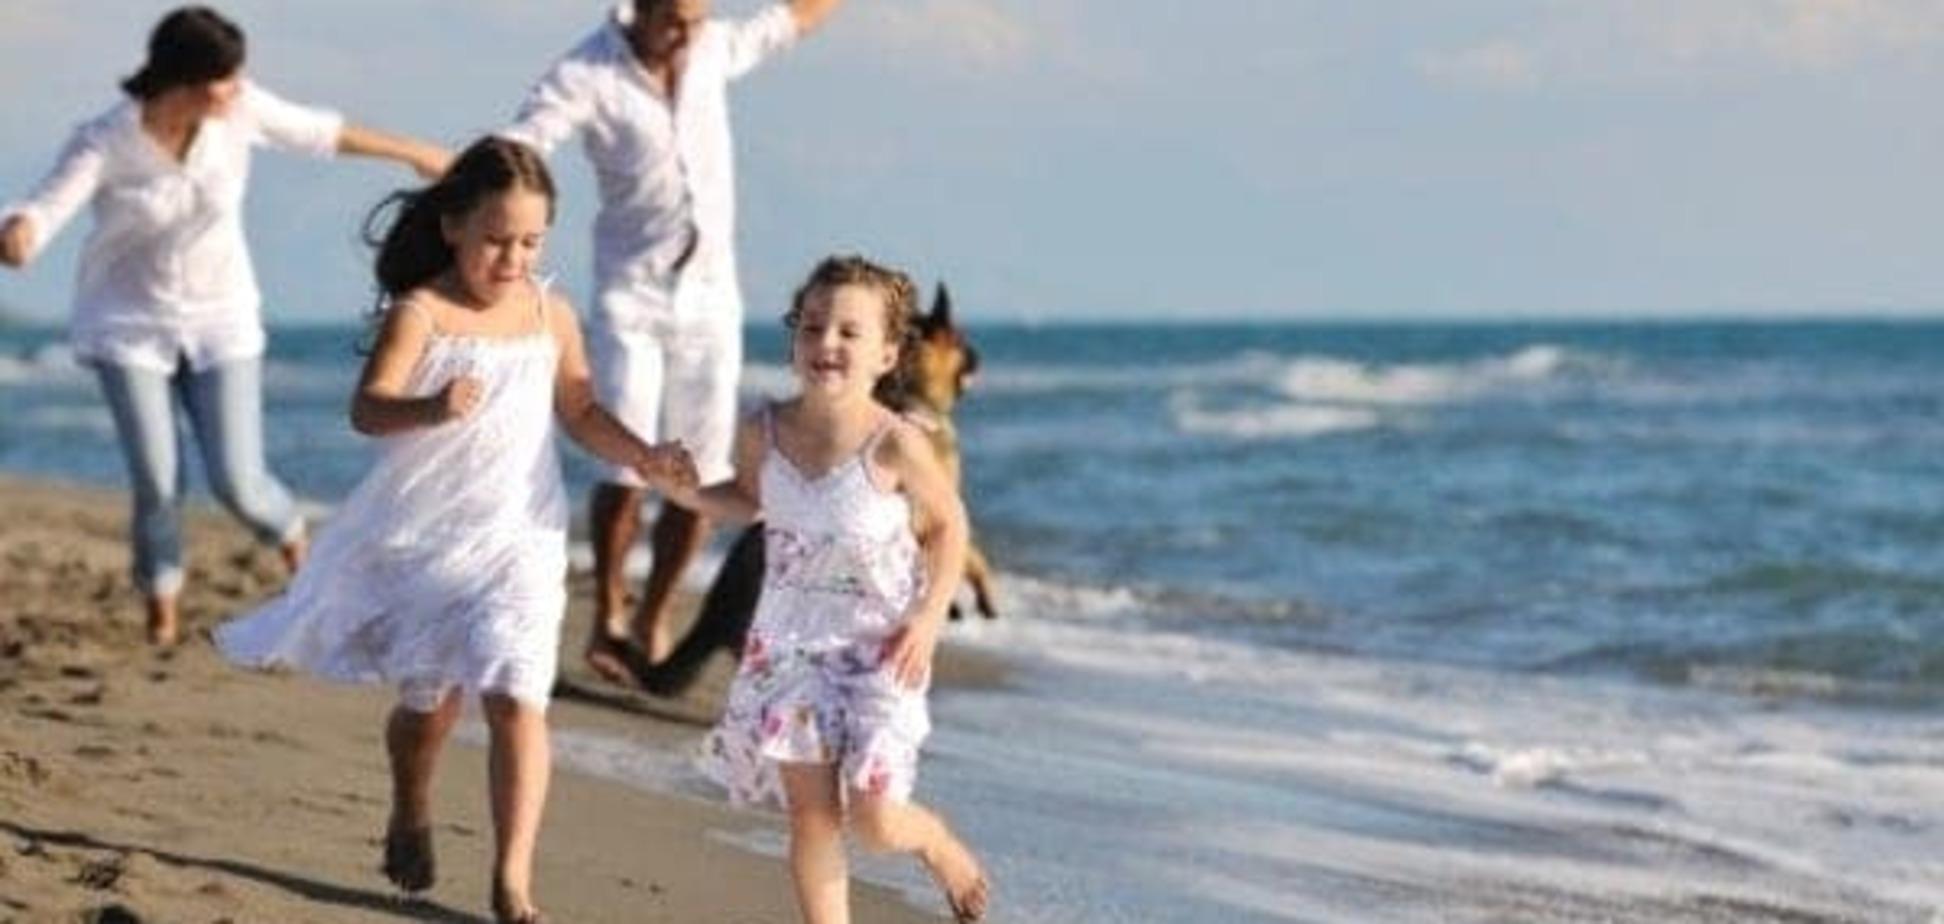 19 полезных подсказок для родителей